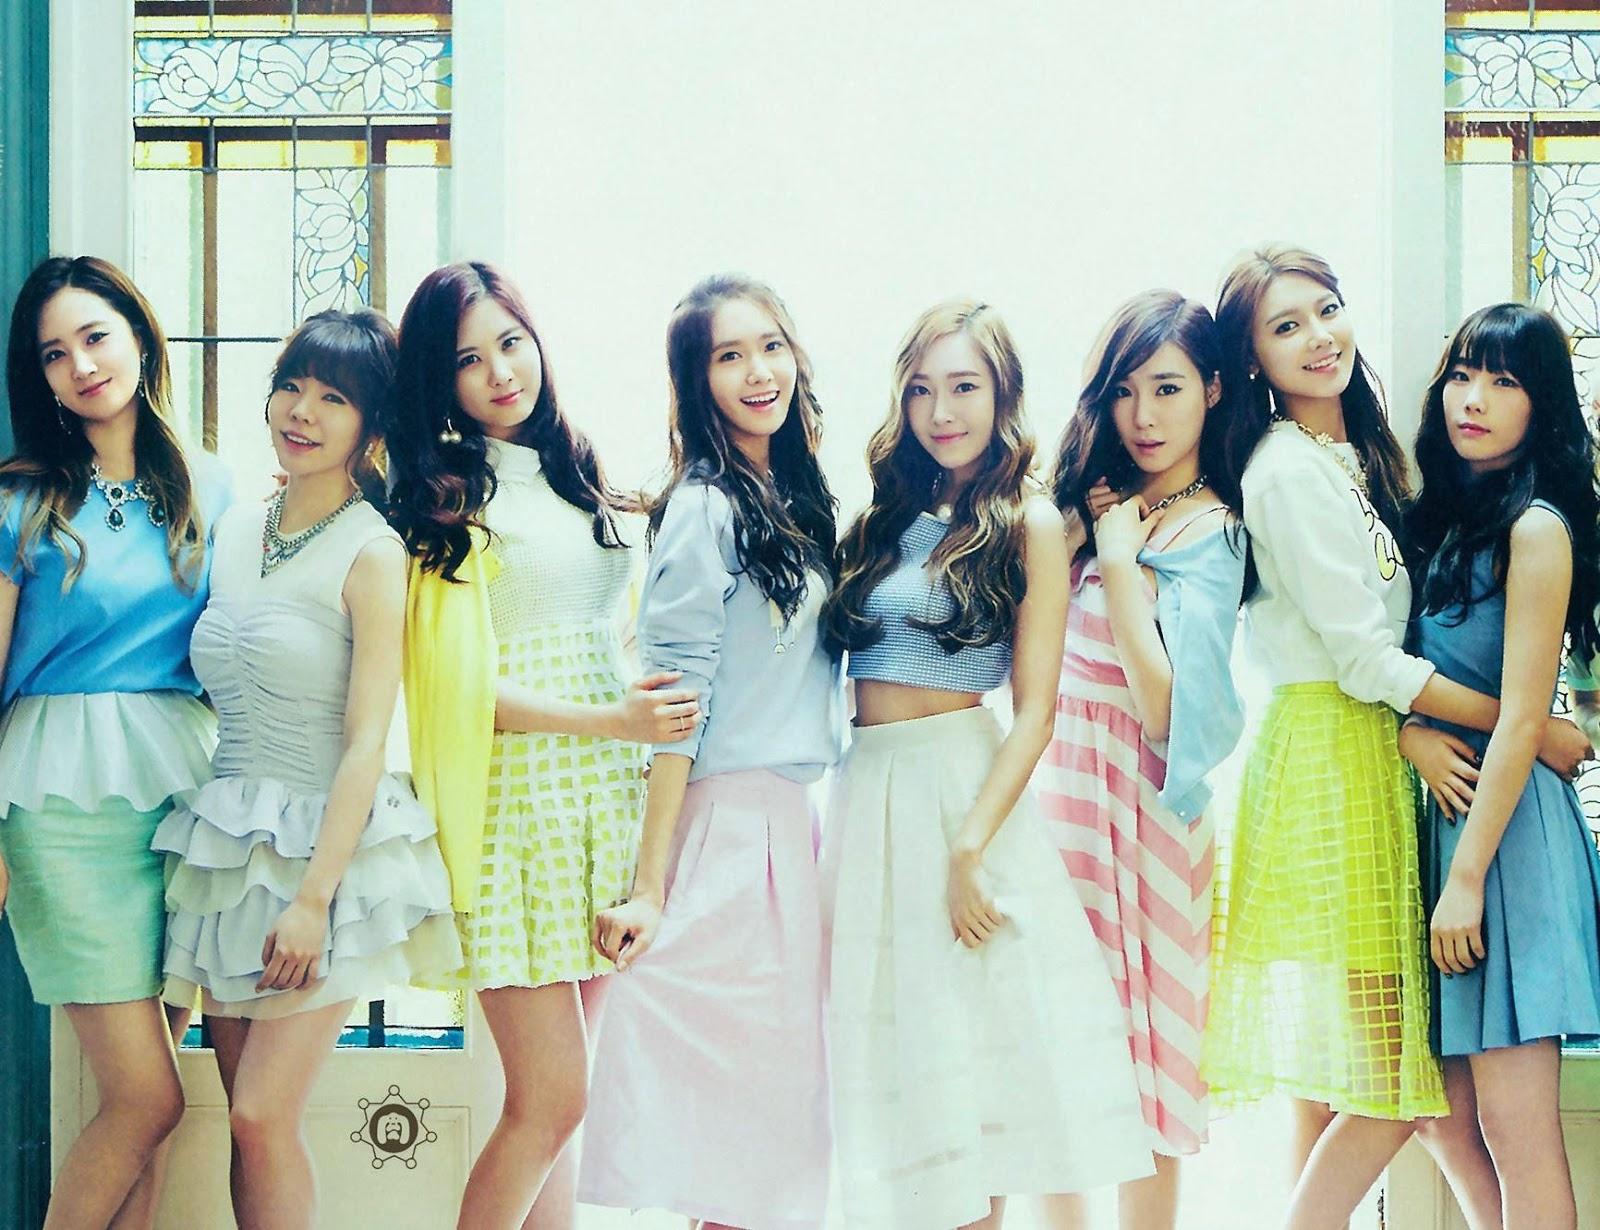 SNSD Girls Generation The Best Scan Wallpaper HD 4